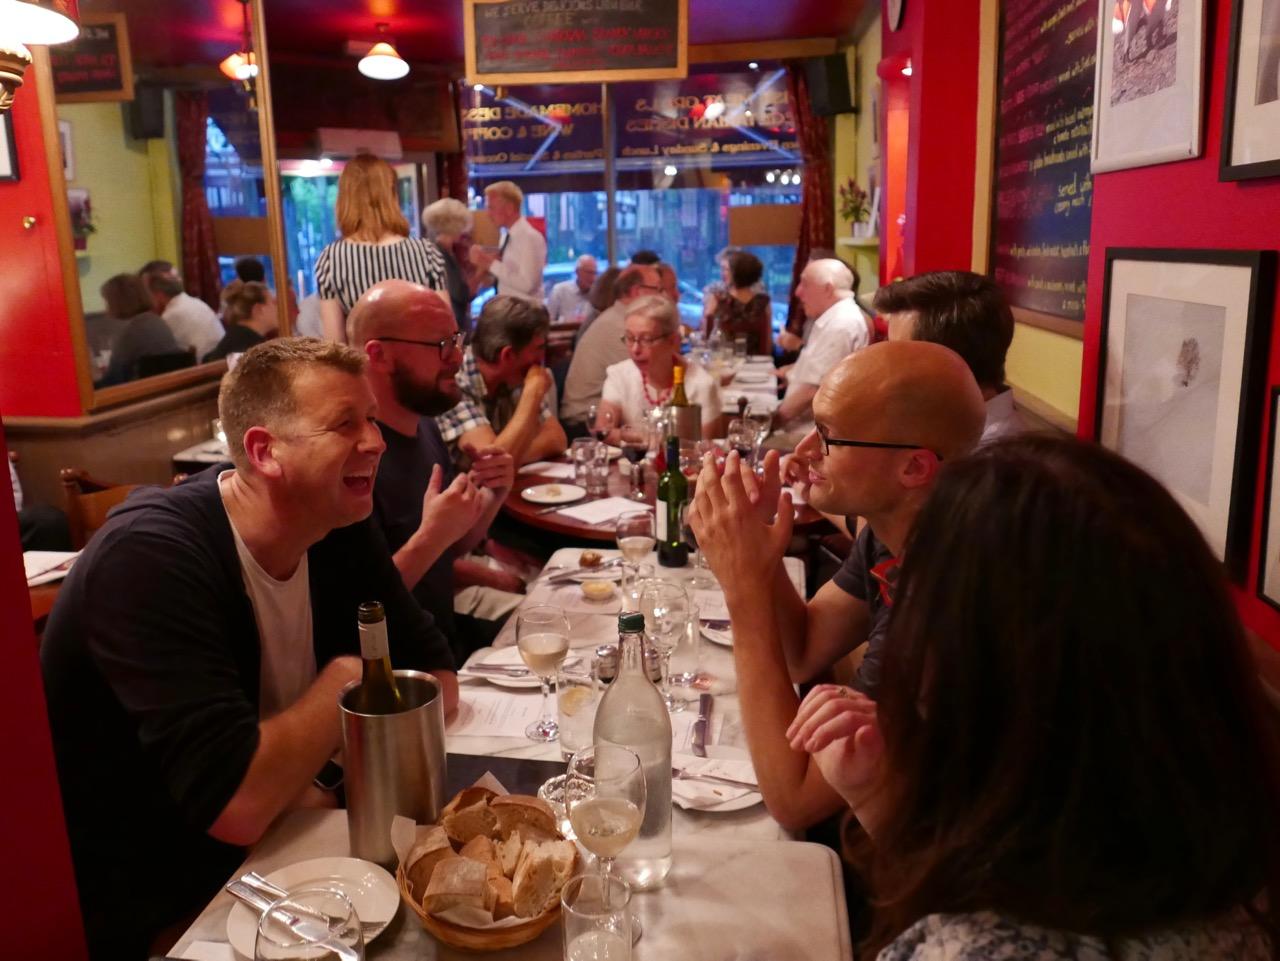 Gospel_Oak_Labour_Party_fundraising_dinner_at_Ravels_(6).jpg